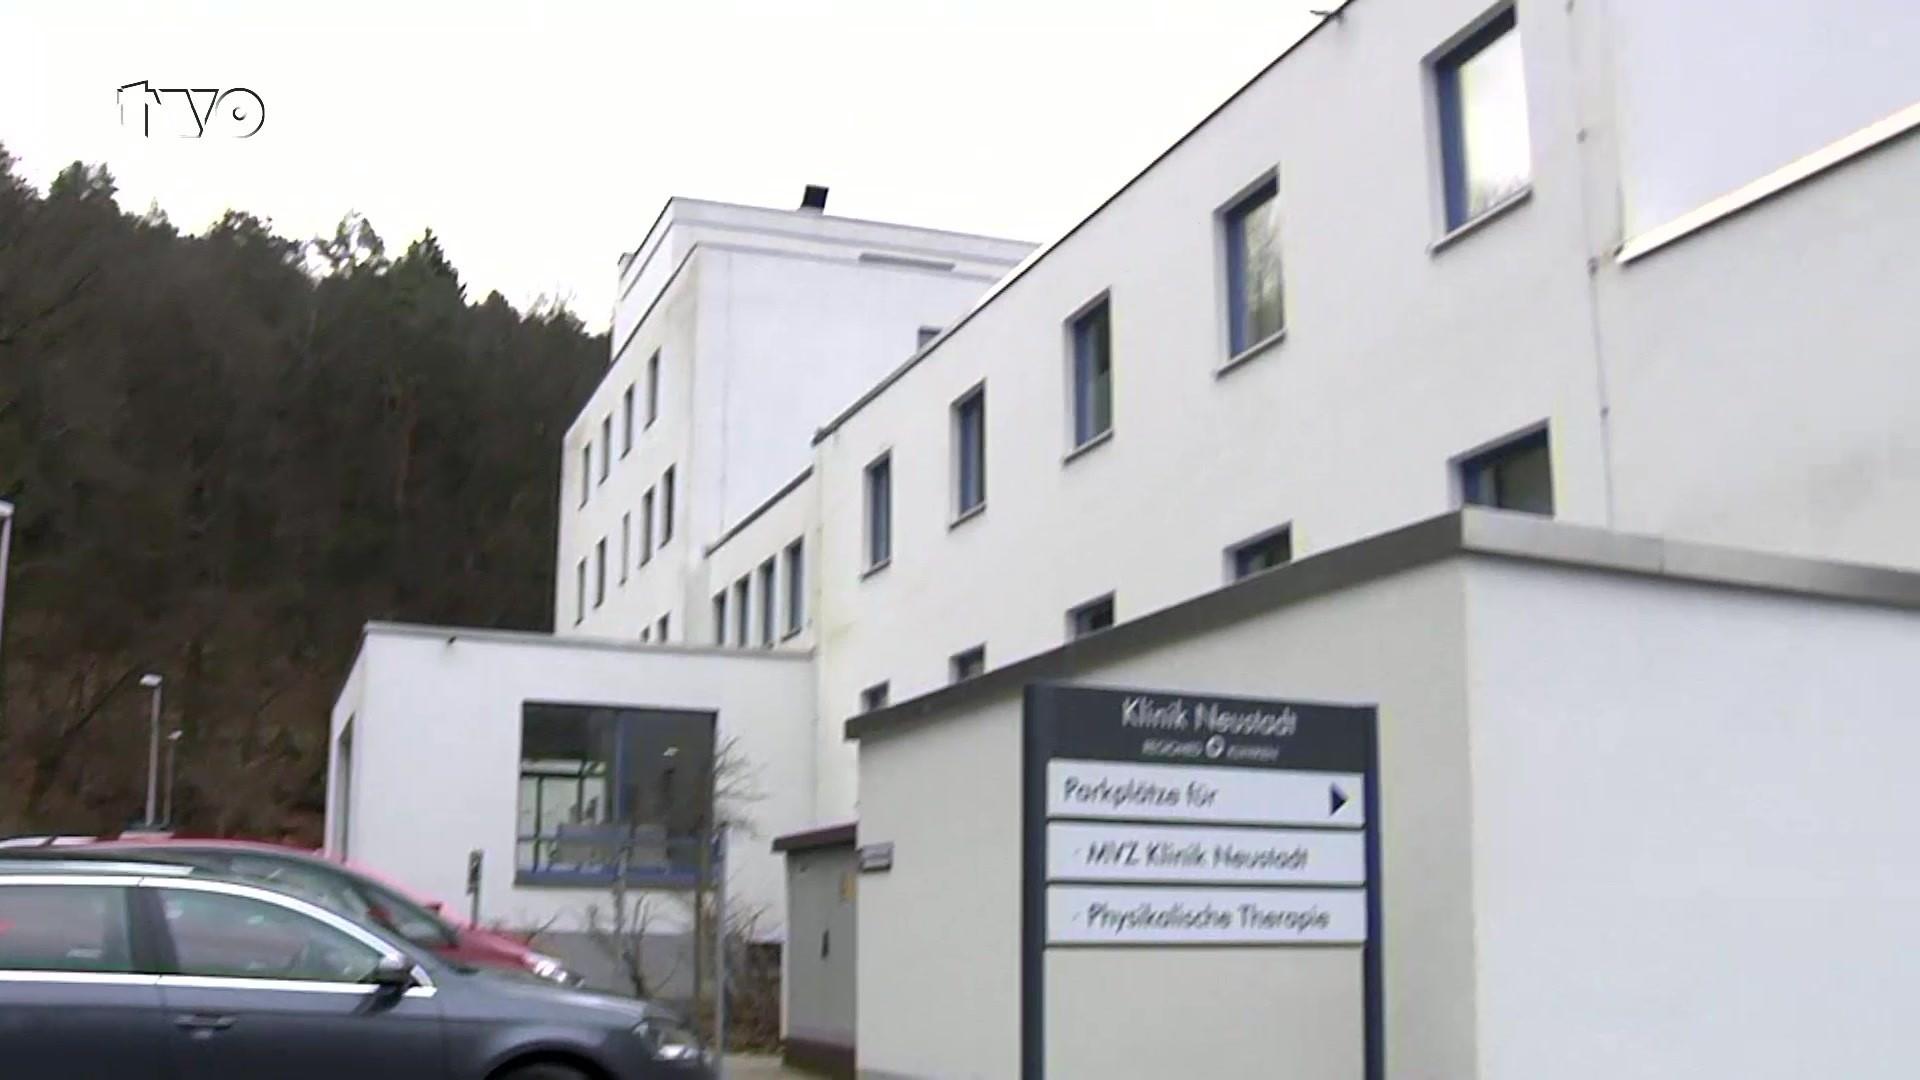 Im Stadtrat Der Nachbarstadt Coburg Stellt Der Klinikverbund Regiomed  Letzte Woche Seine Pläne Für Ein Neues (u2026